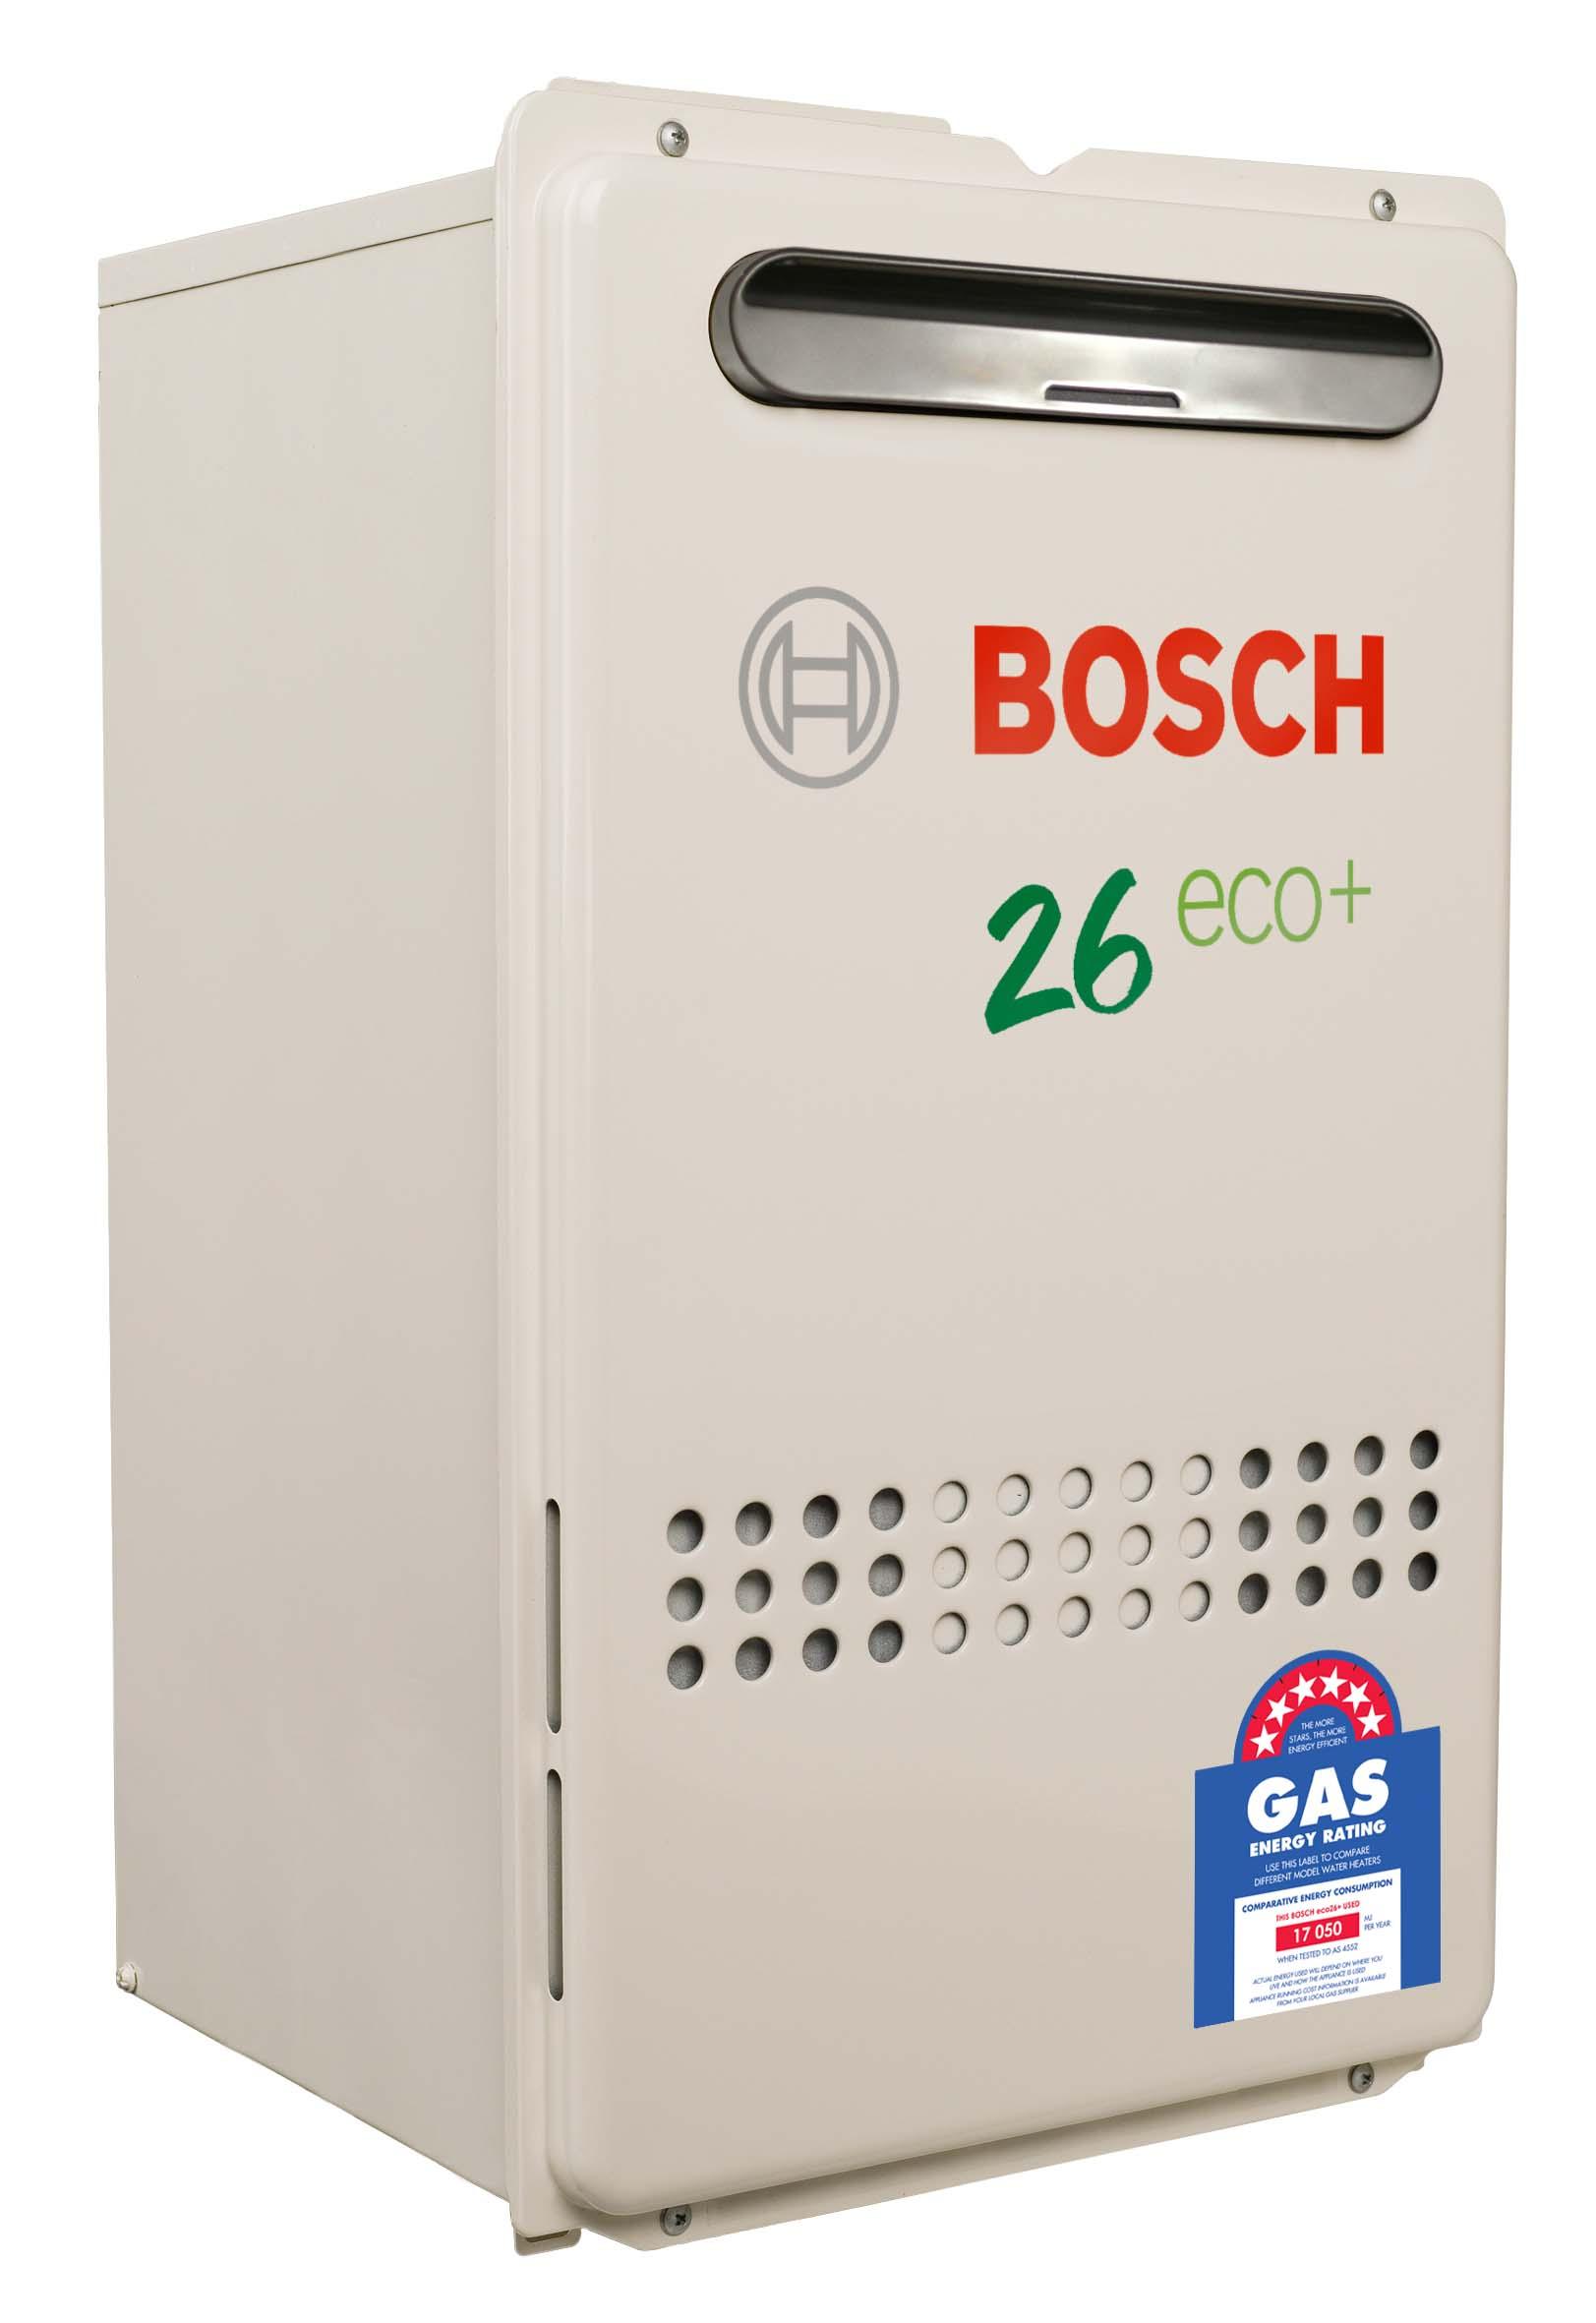 Bosch 26eco Reviews Productreview Com Au